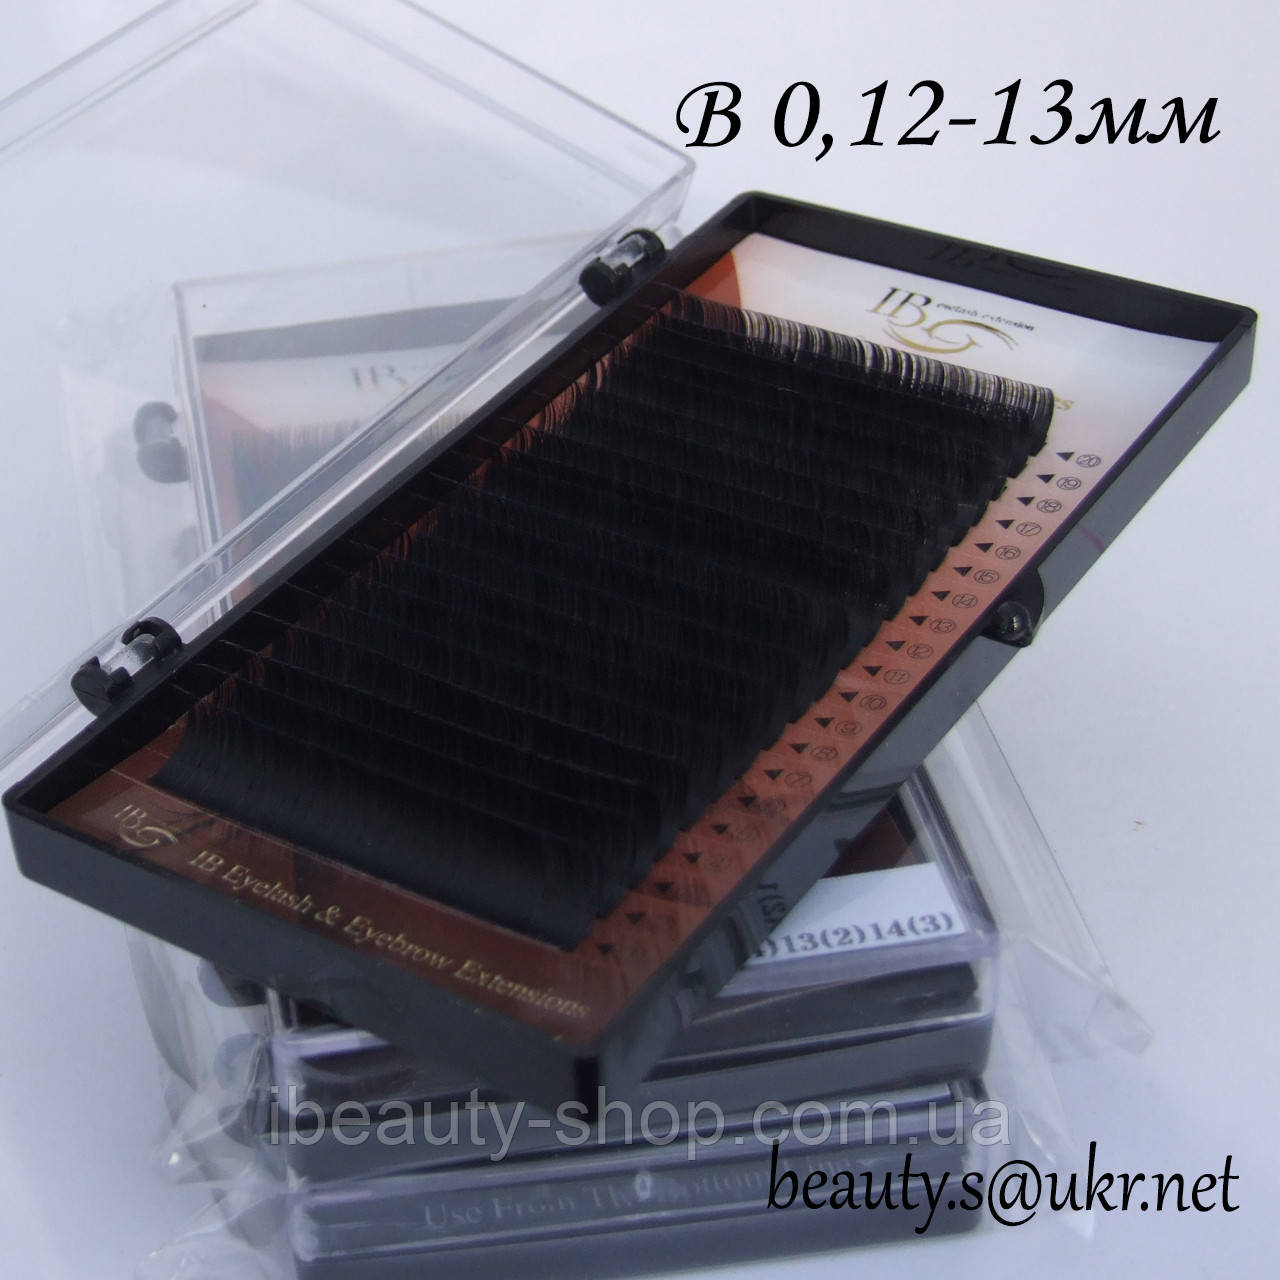 Ресницы I-Beauty на ленте B 0,12-13мм